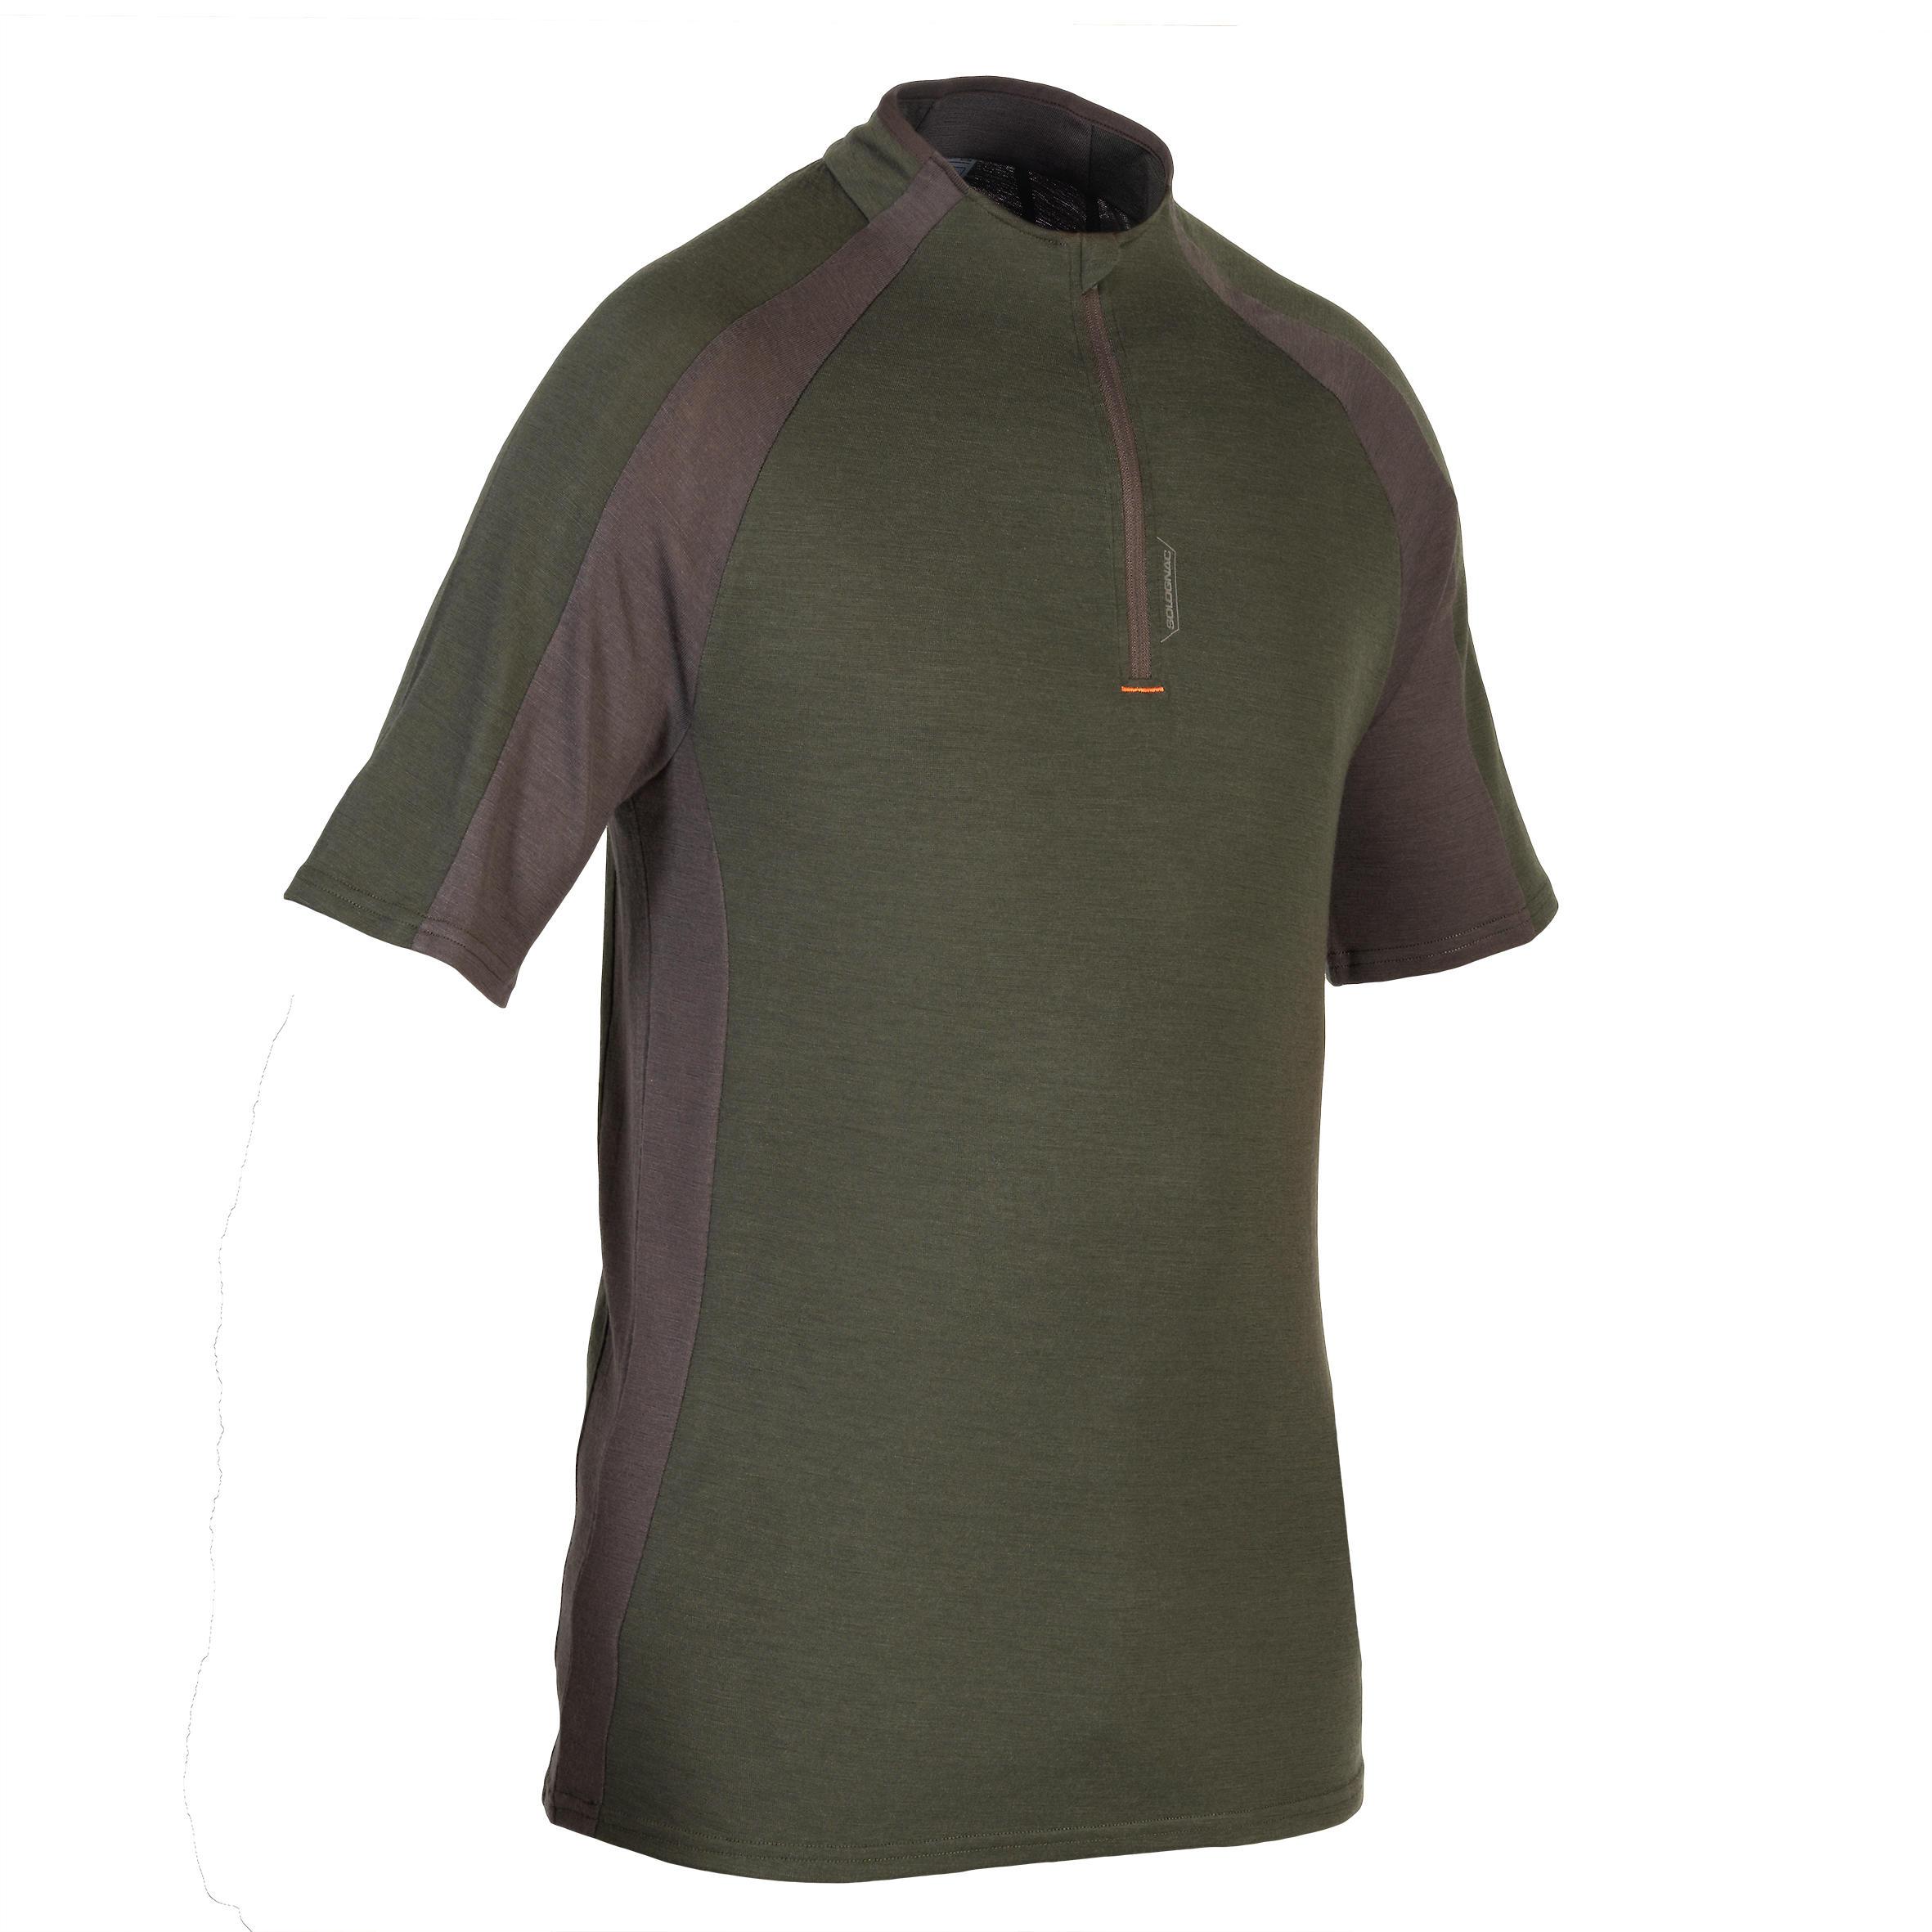 Solognac Tee shirt SG900 wol korte mouwen groen